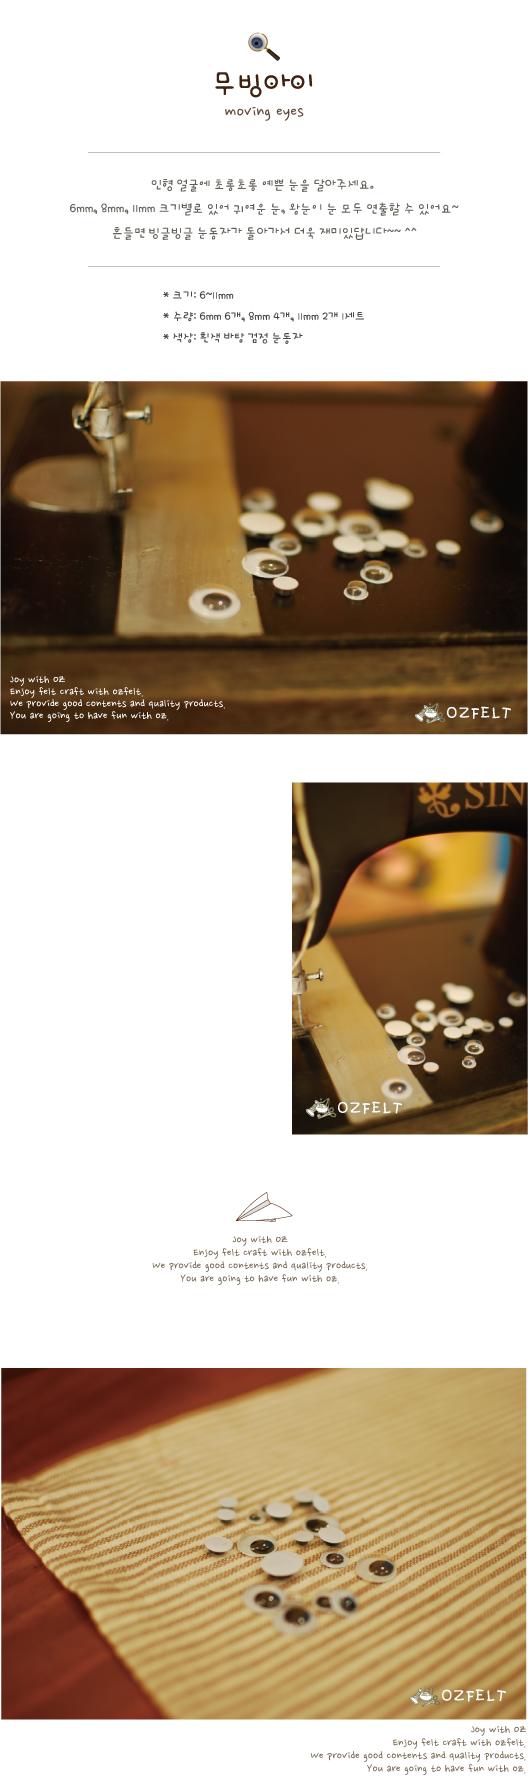 [오즈펠트] 무빙아이(6mm, 8mm, 11mm) - 오즈펠트, 100원, 펠트공예, 펠트실/바늘